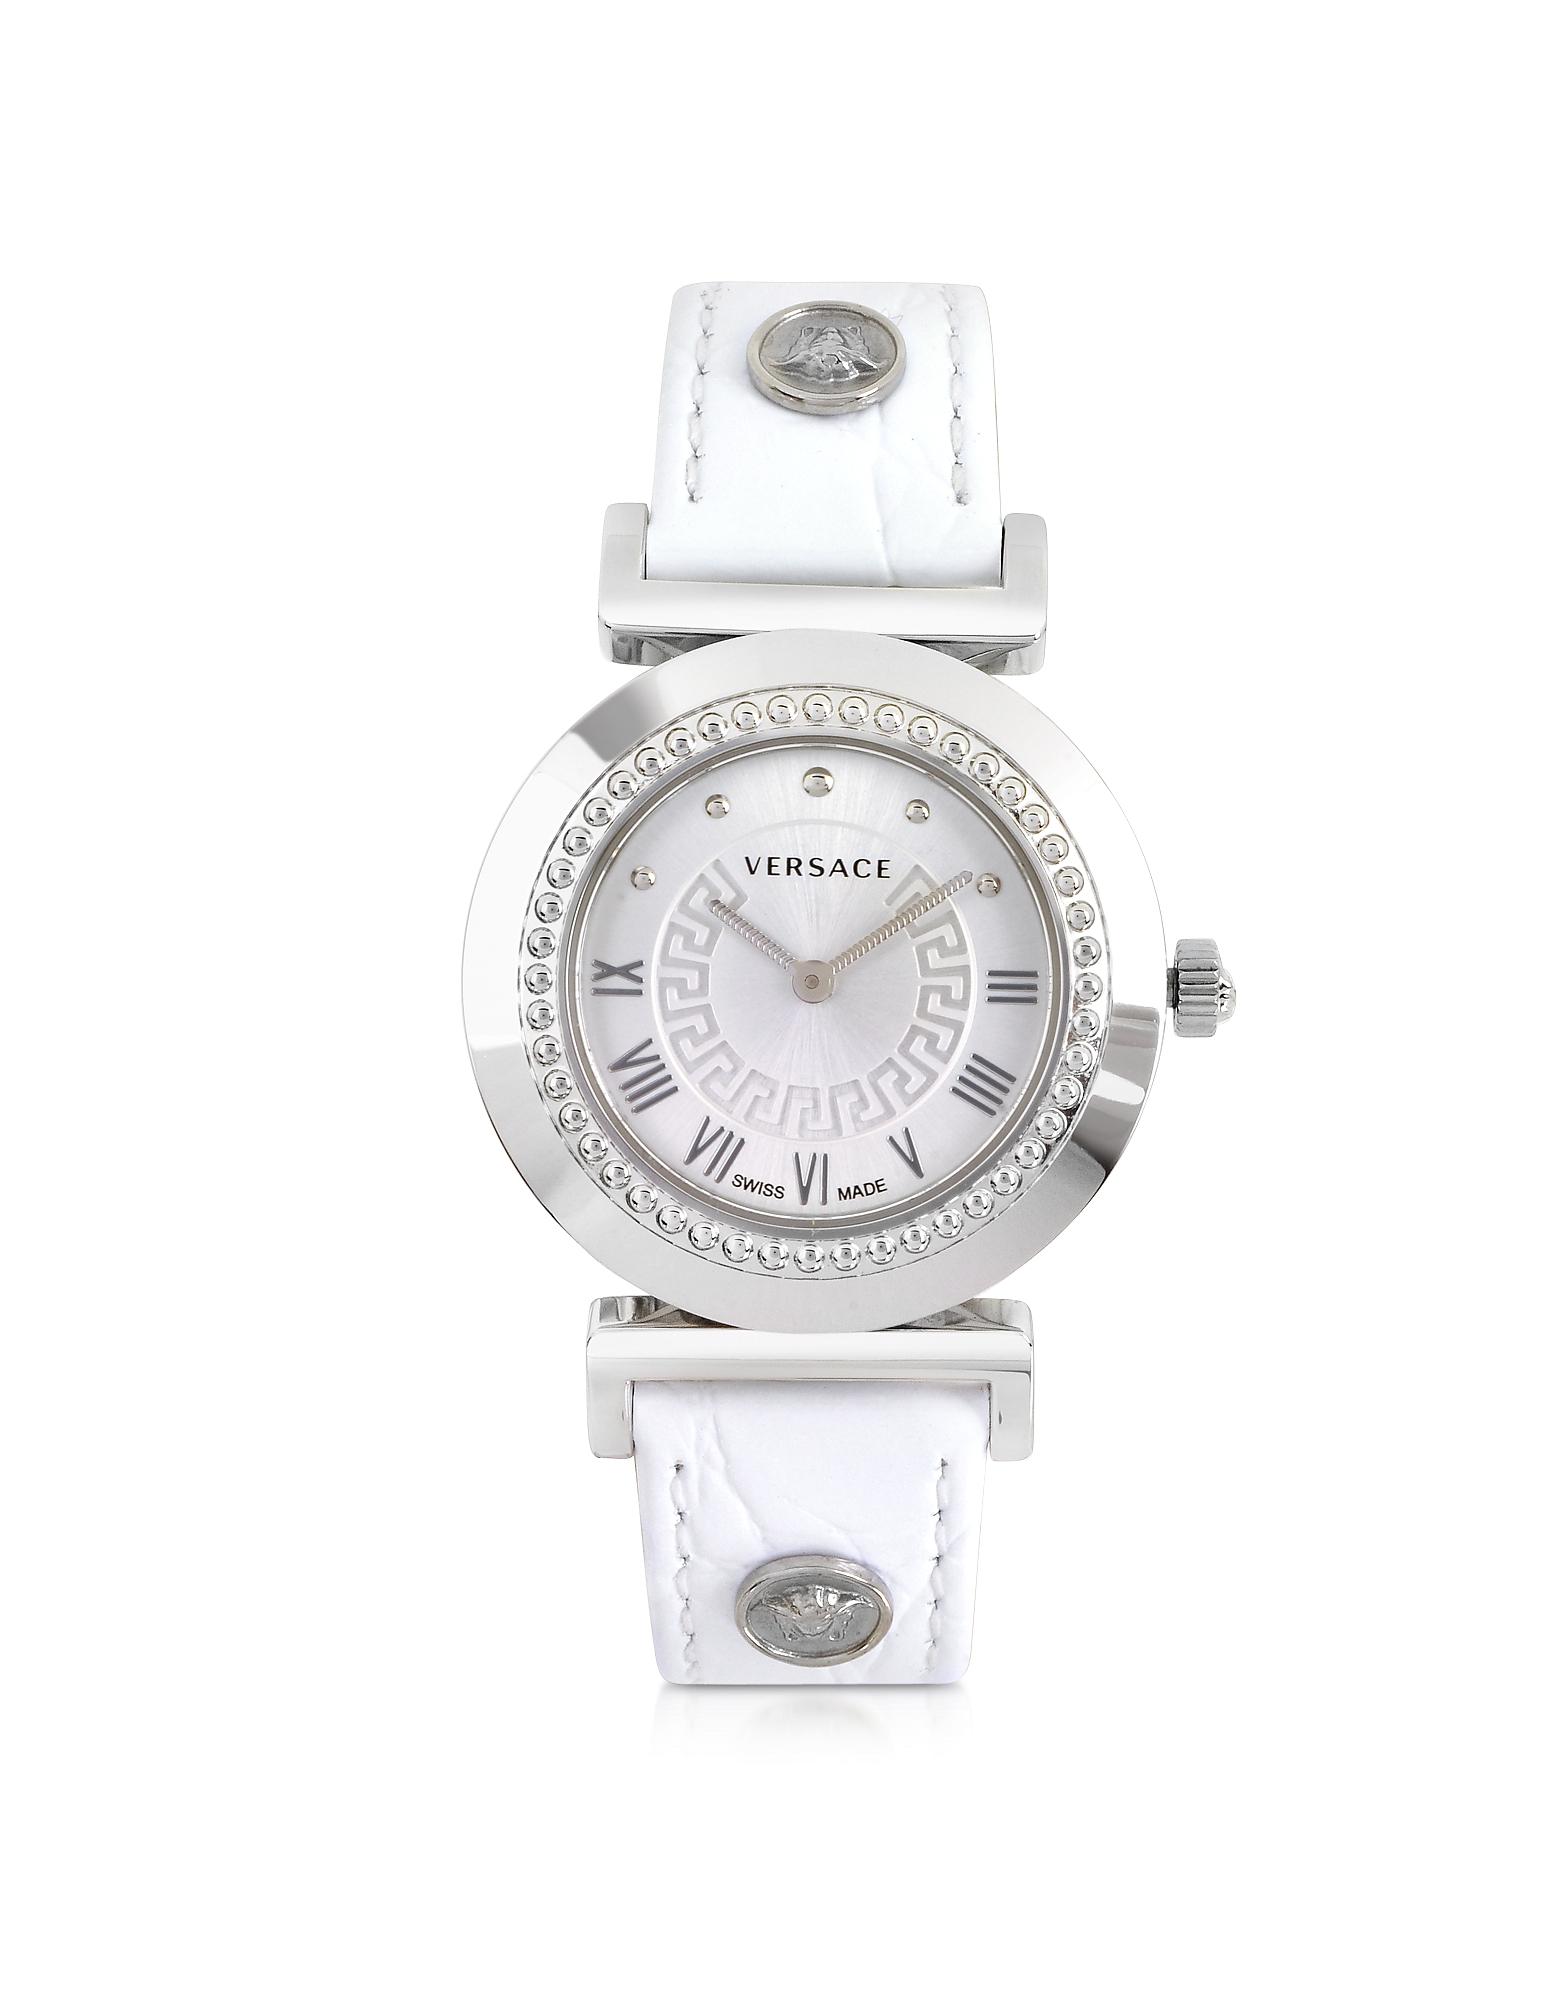 Versace Women's Watches, Vanity Lady White Women's Watch